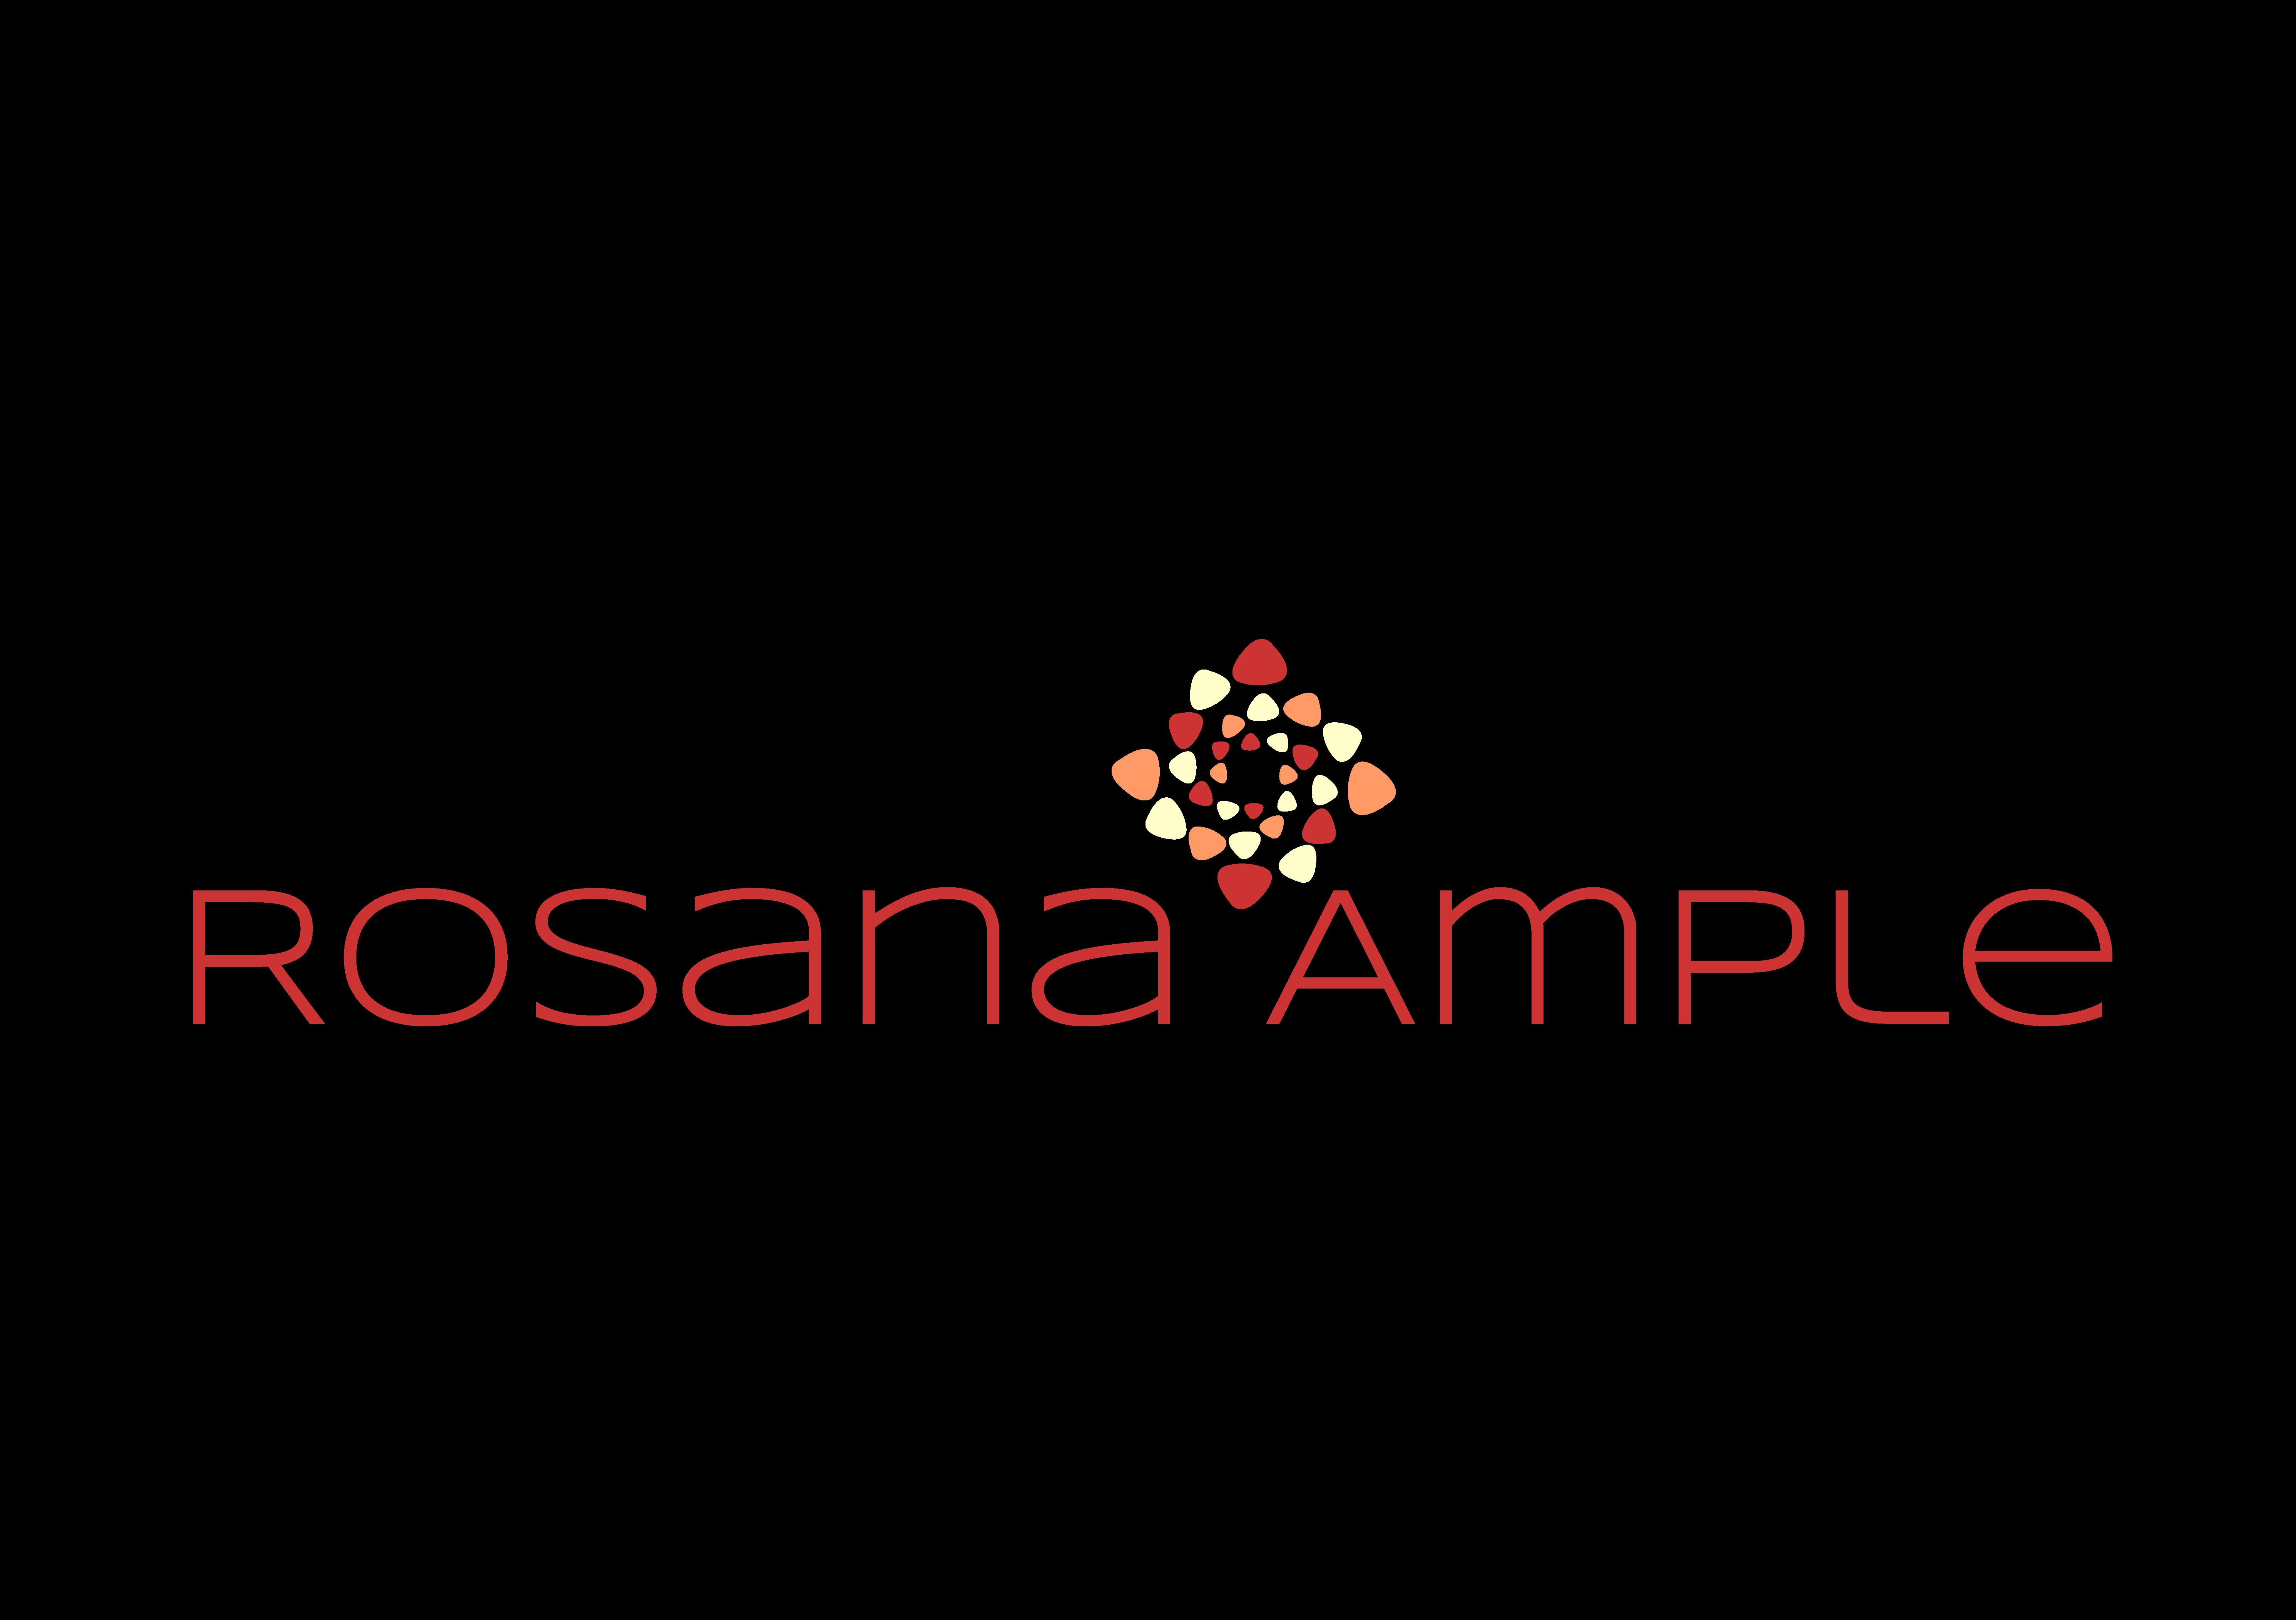 Rosana Ample